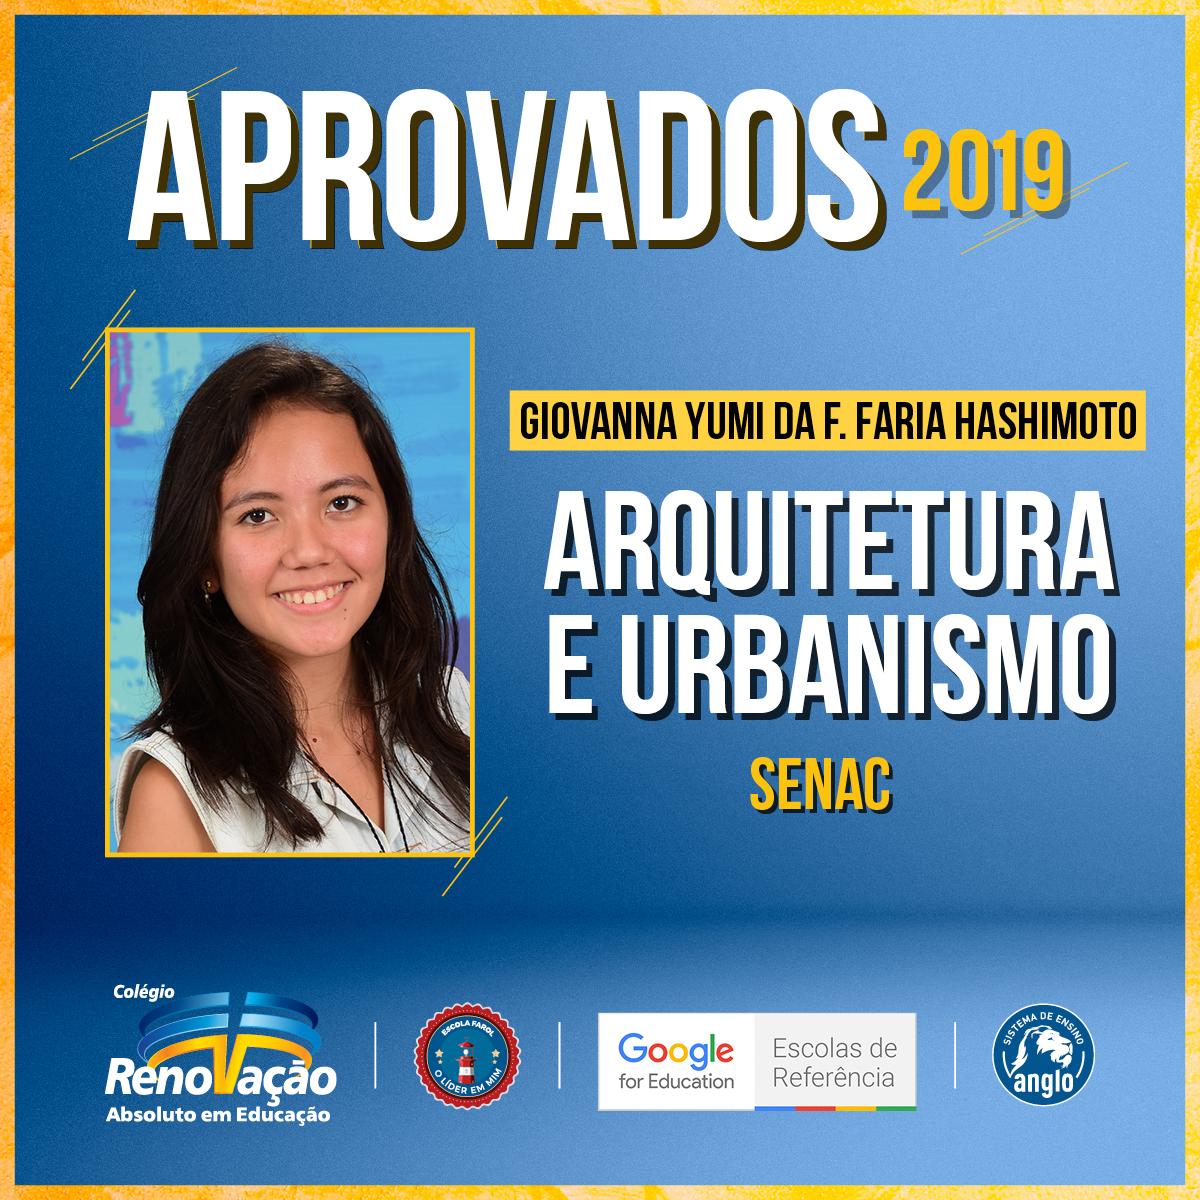 16992_Desdobramentos_Post_BannerAprovados2019_ColegioRenovacaoSP18